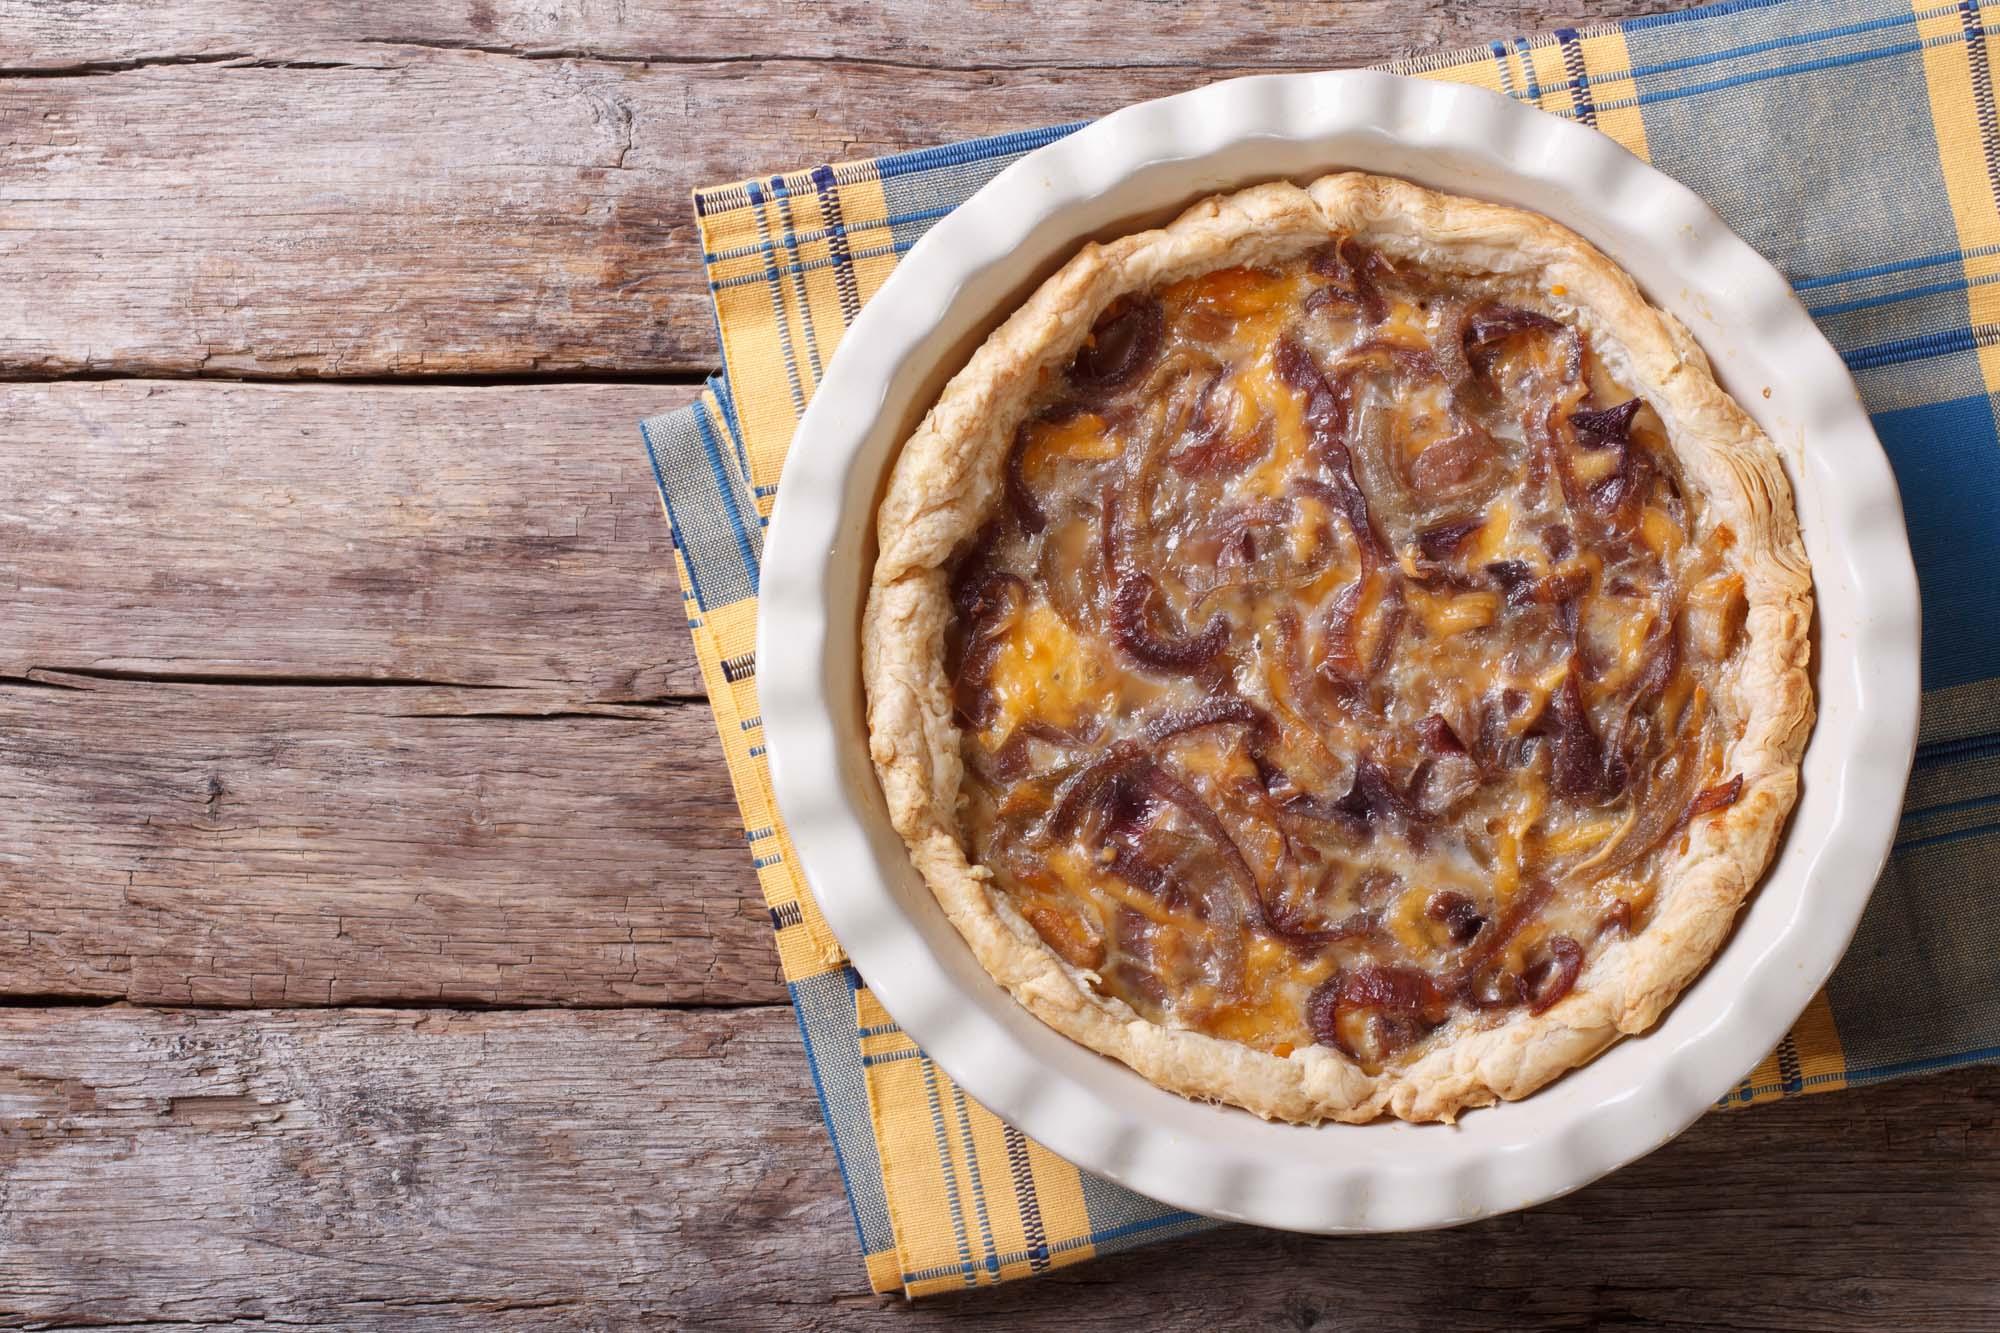 Tærte med skinke, ost og glaserede løg